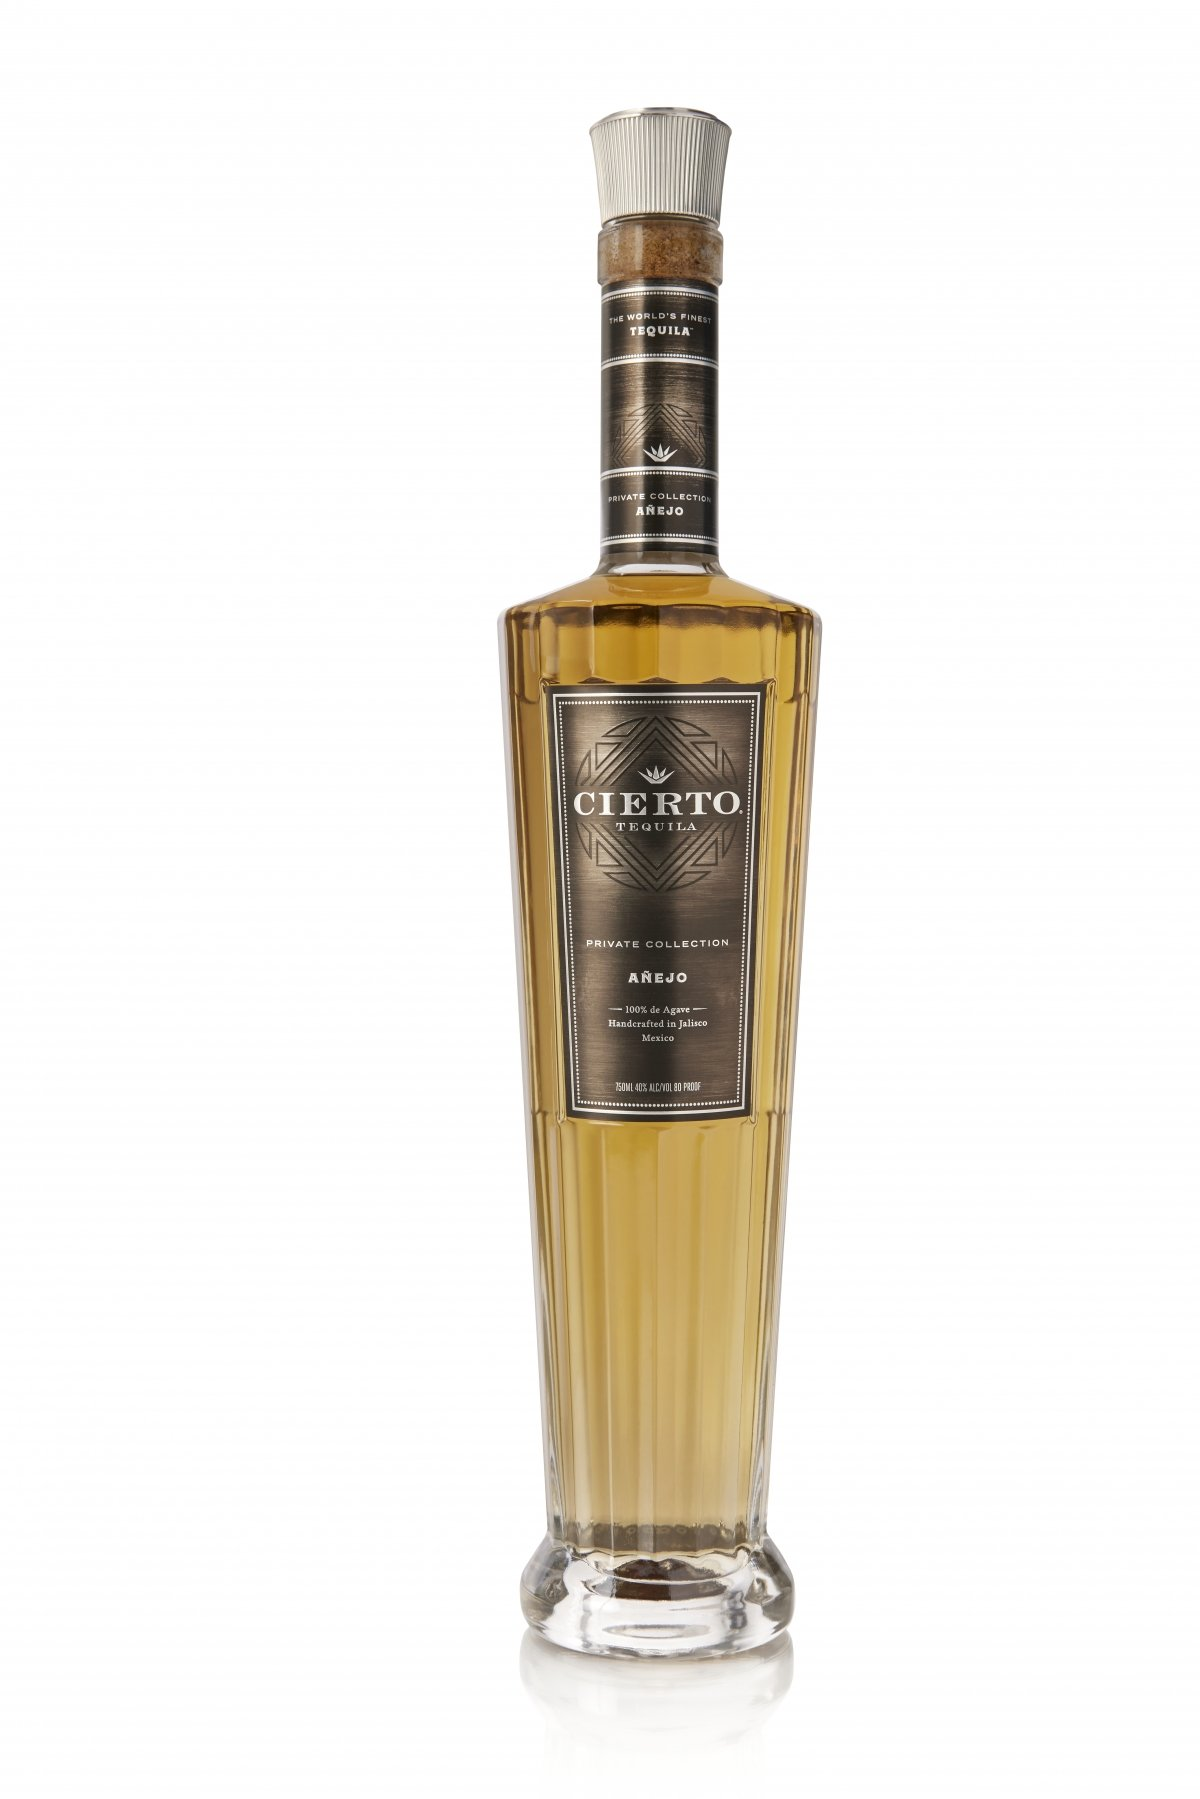 Botella de Cierto Tequila Private Collection Añejo